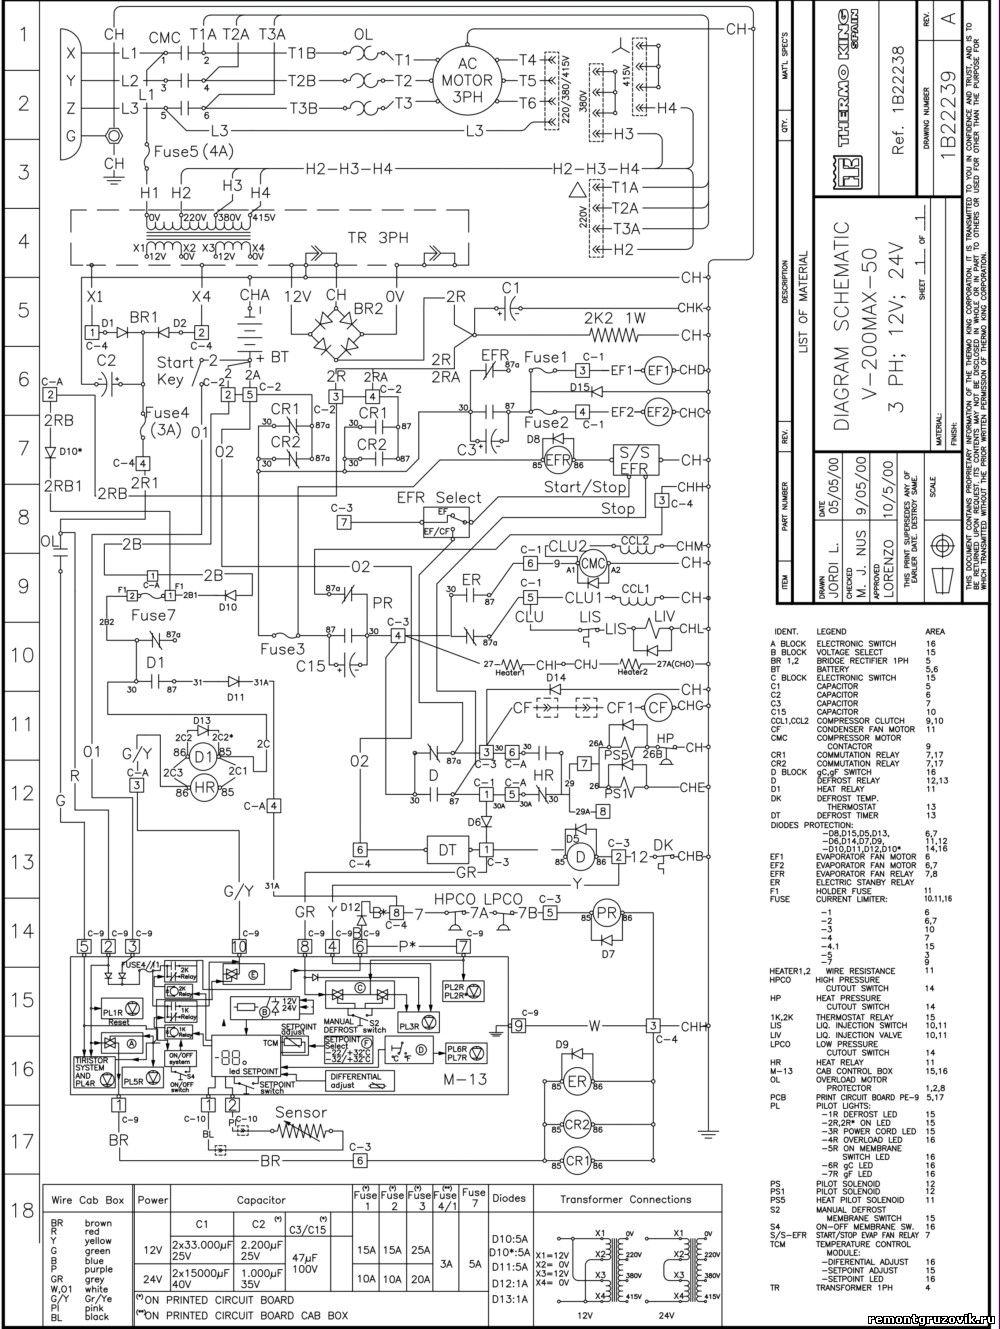 Thermo king V200 max электрическая схема - статьи по ремонту